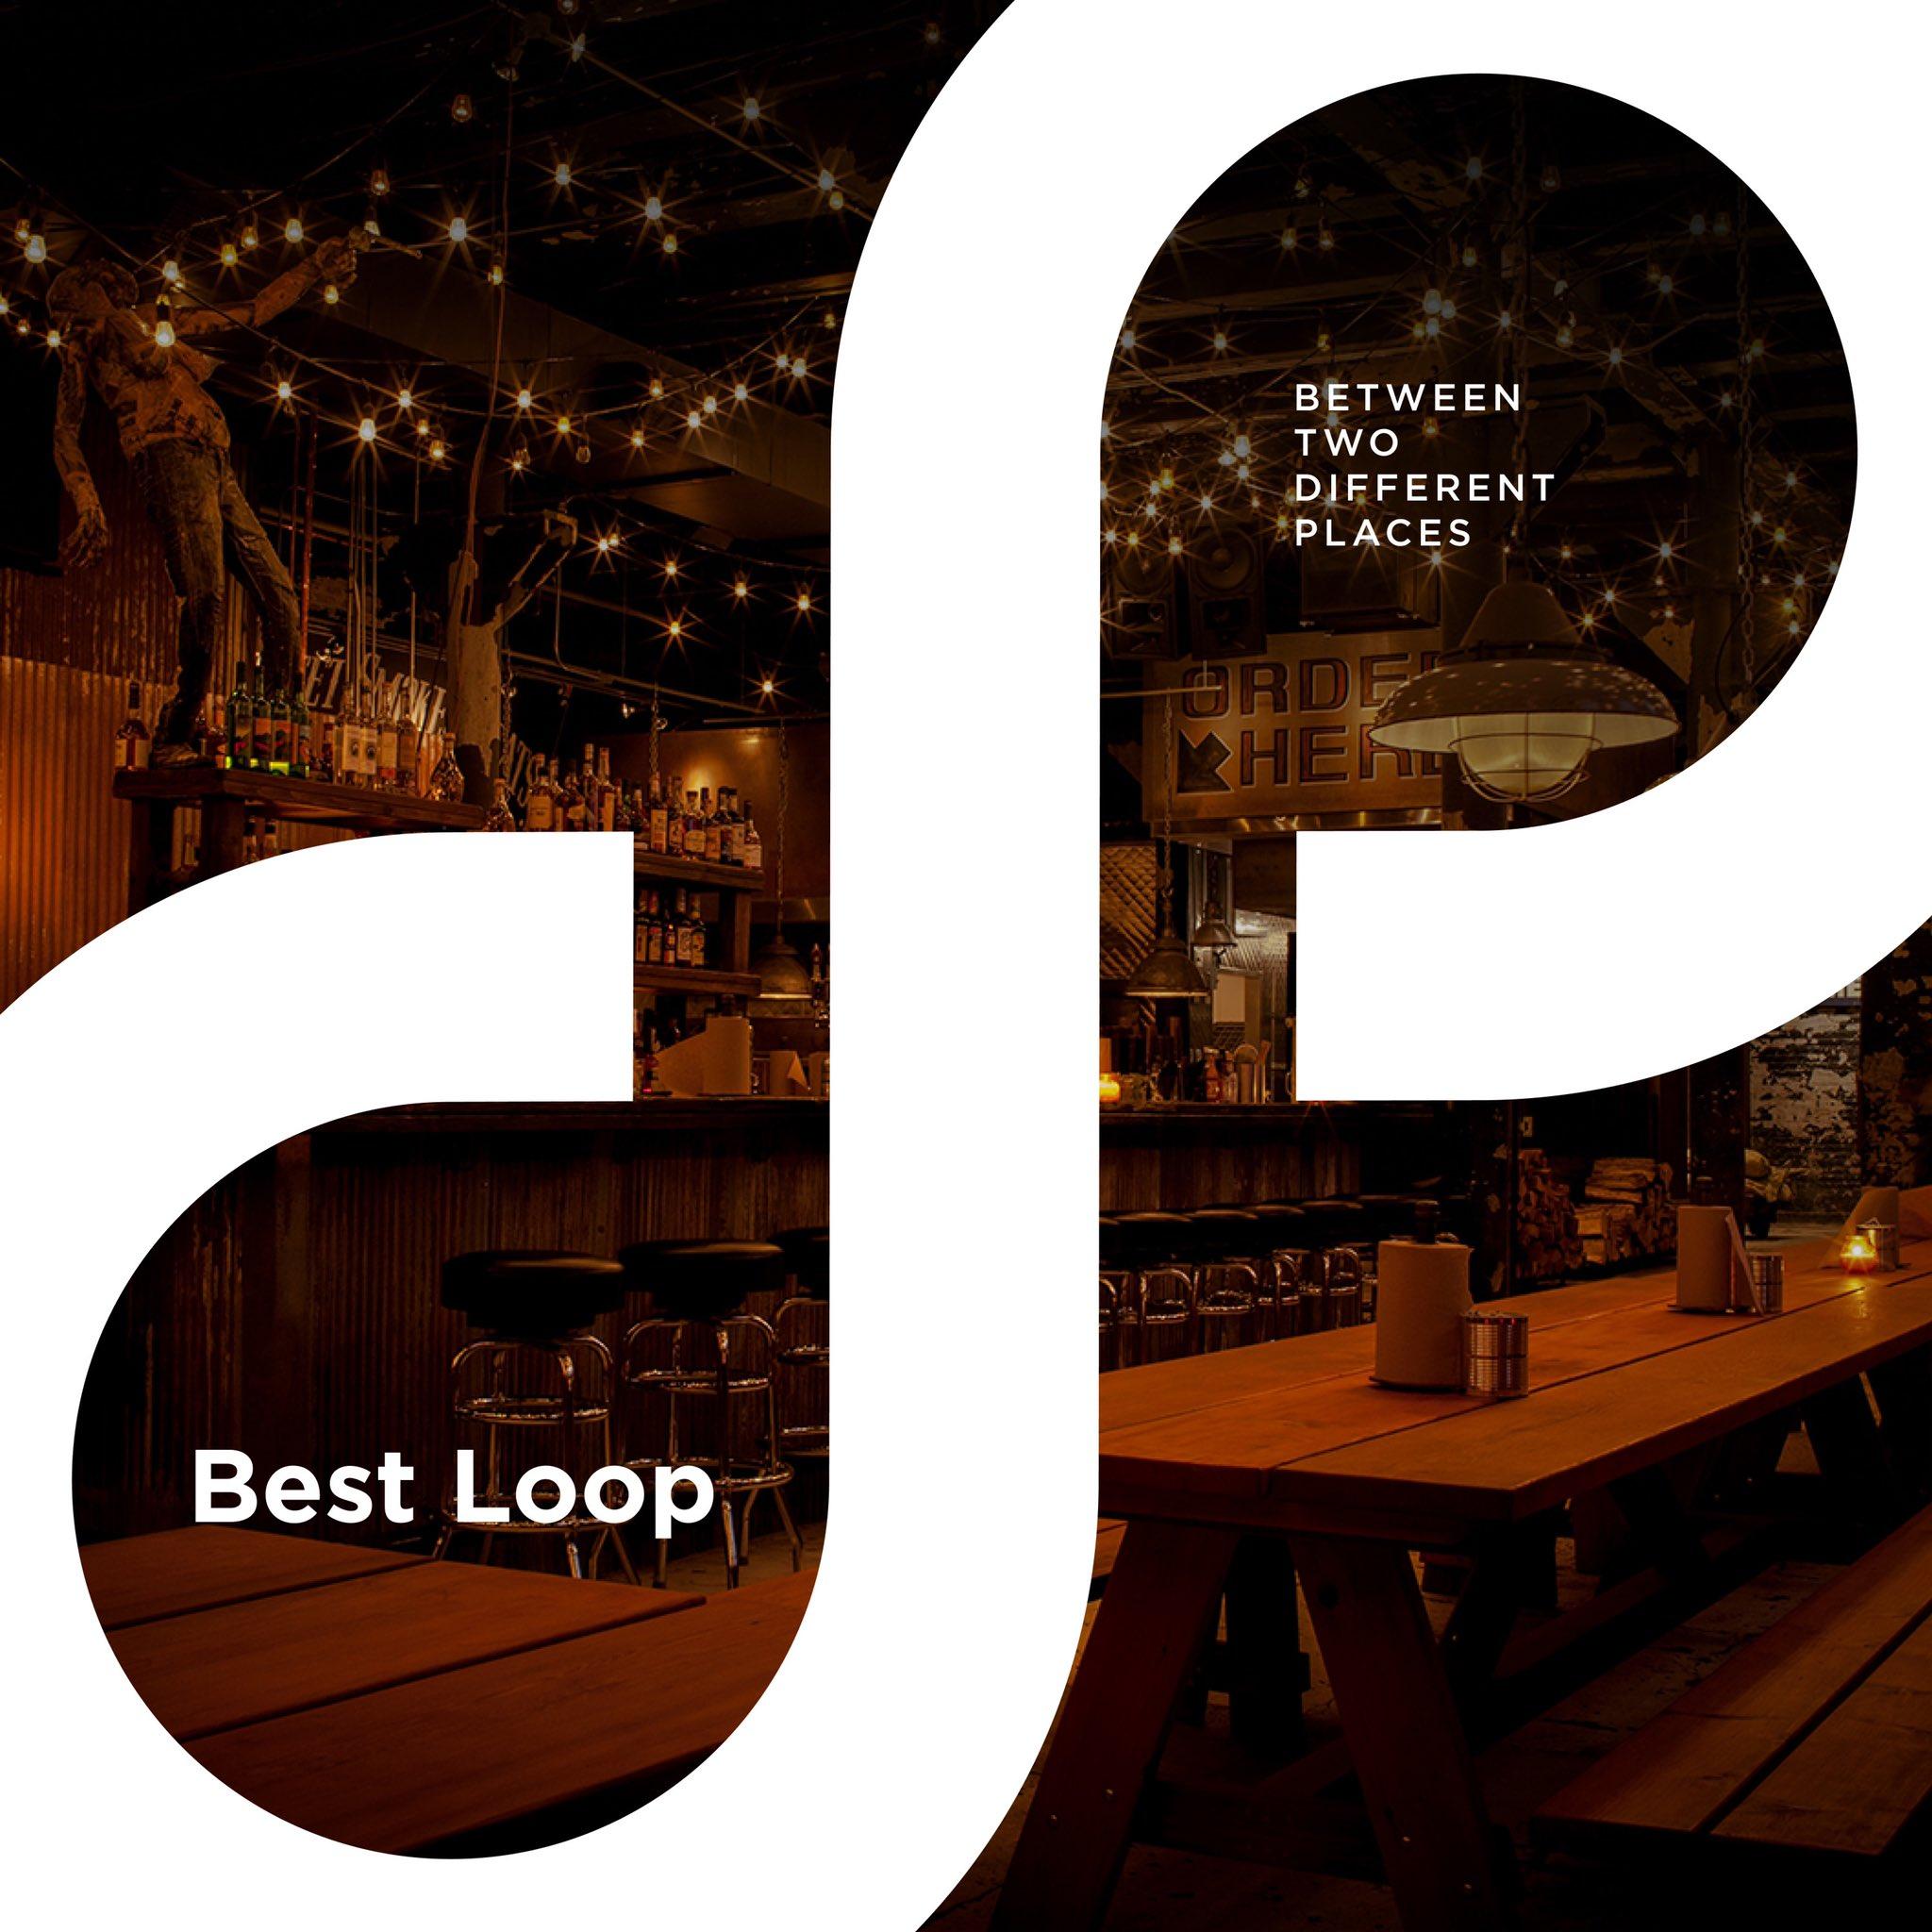 Best Loop